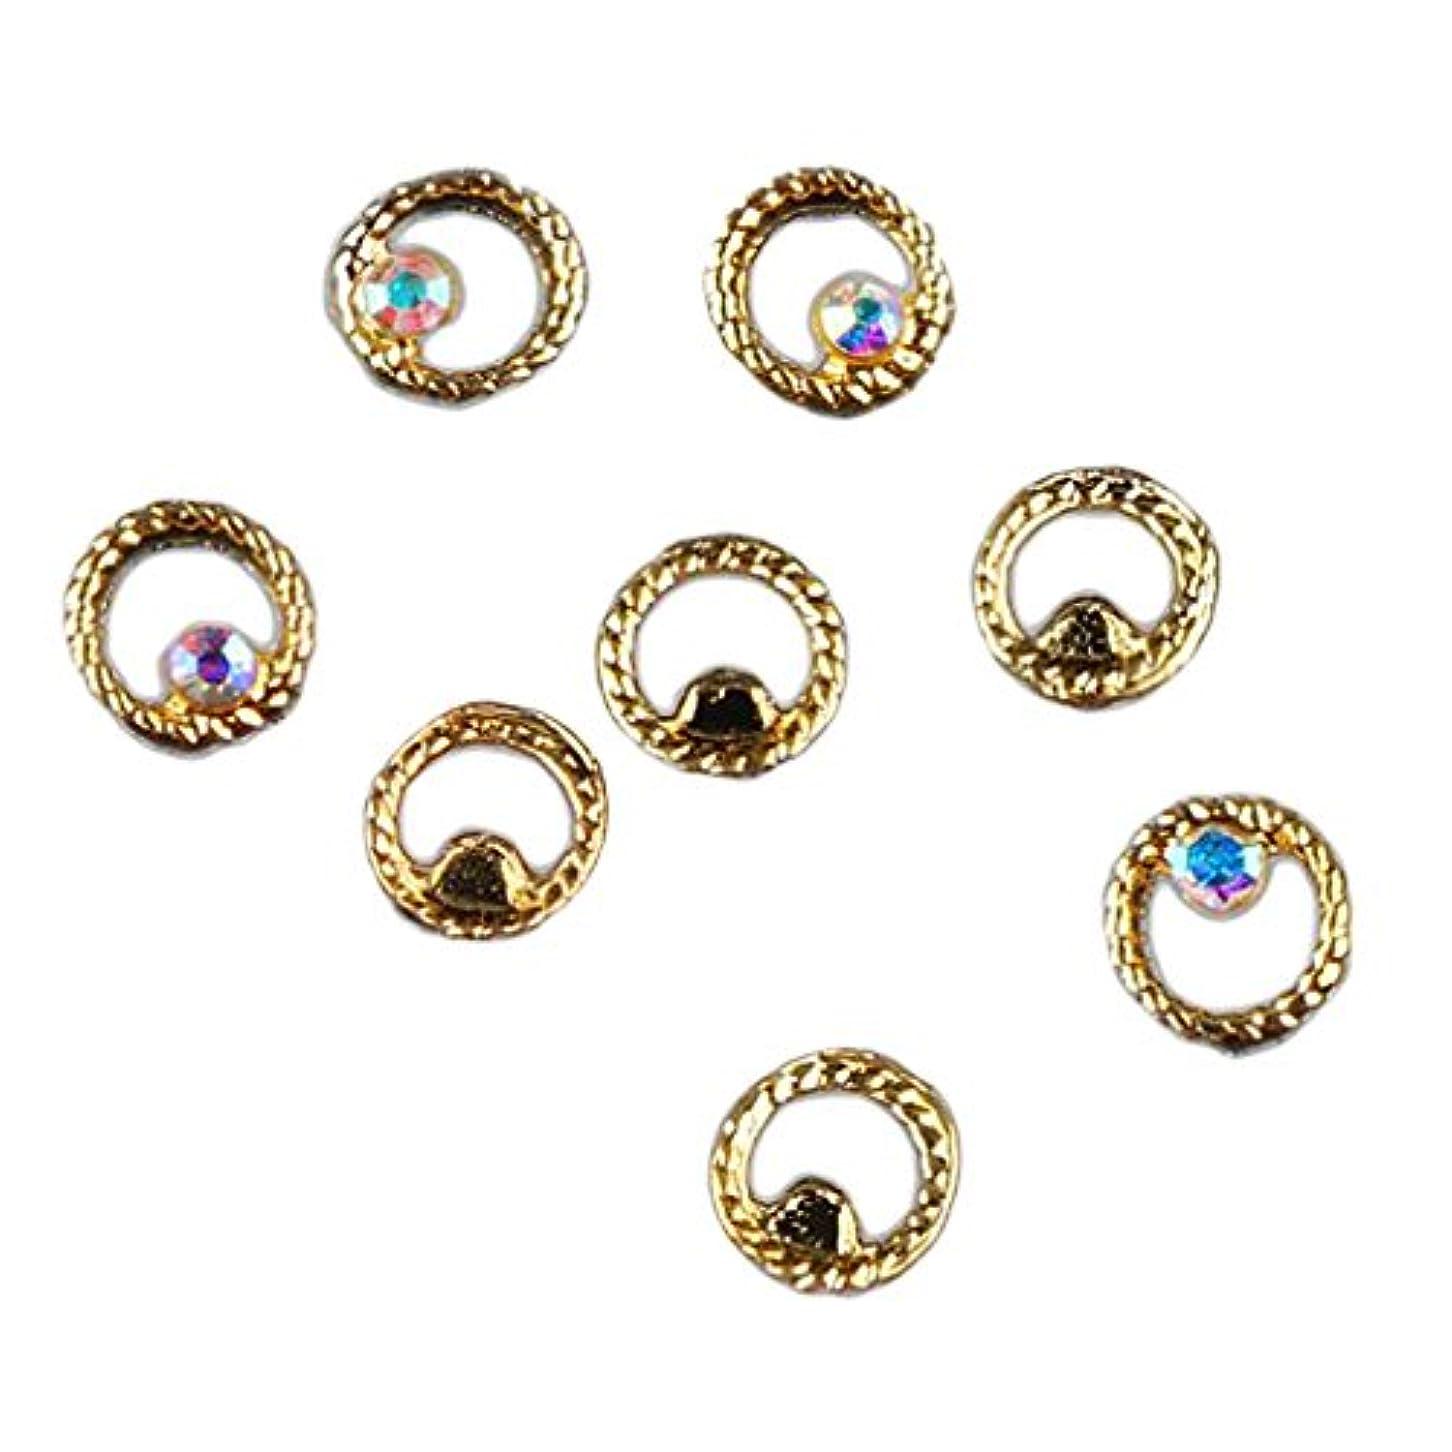 エレガントアナログホステスマニキュア ダイヤモンド 約50個 3Dネイルアート ヒントステッカー 装飾 全8タイプ選べ - 3